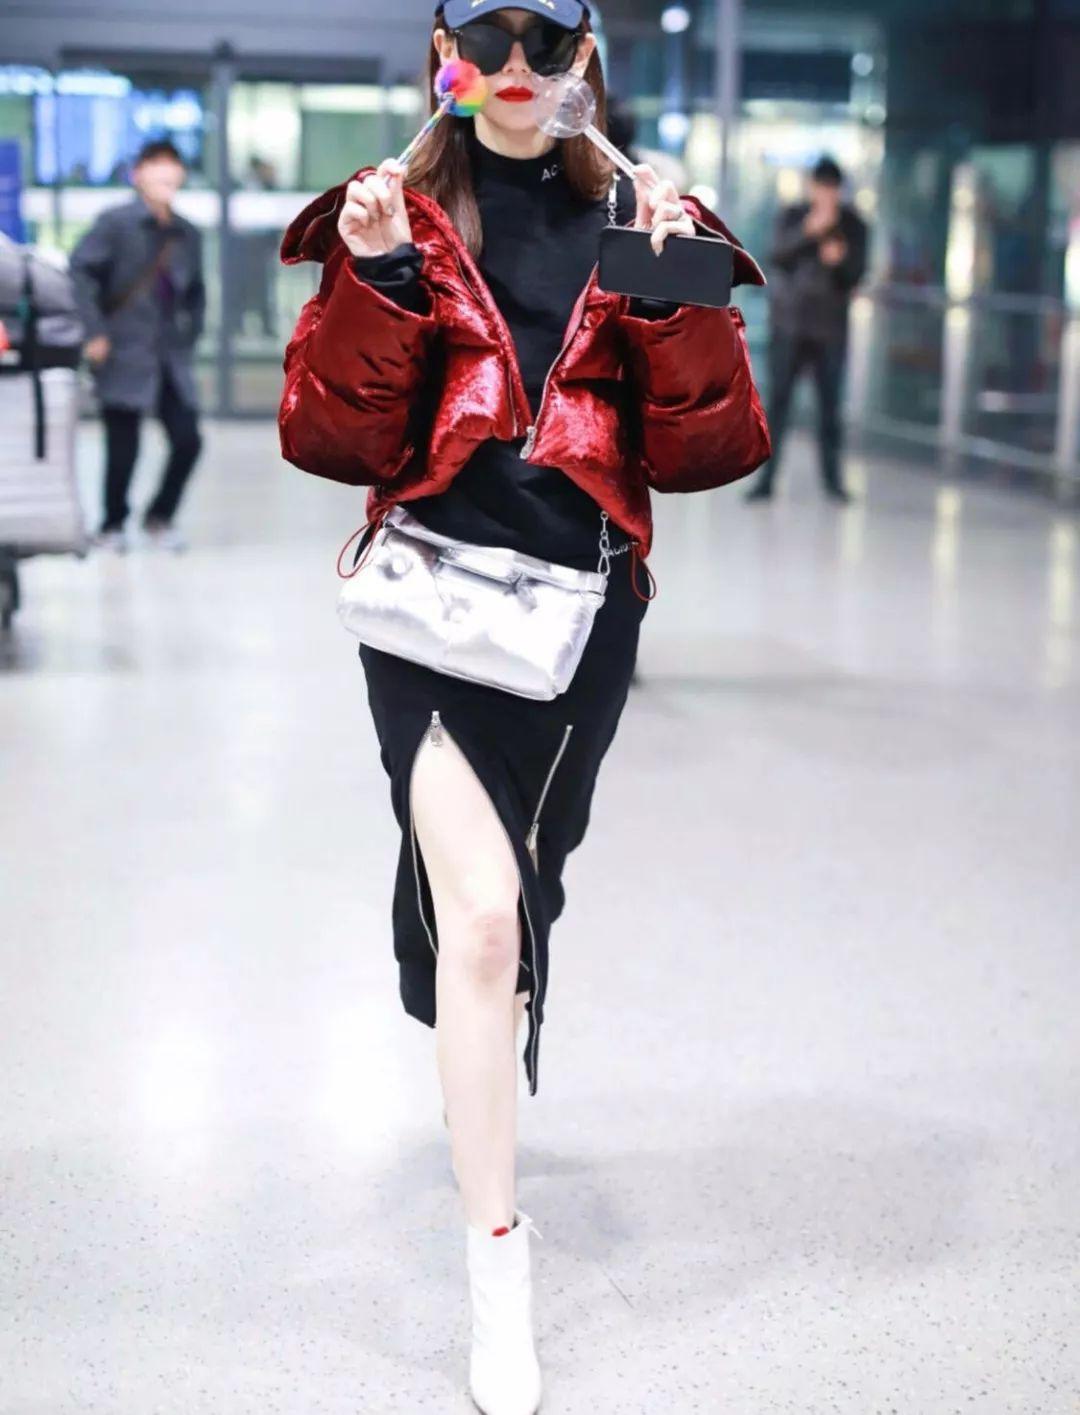 戚薇的机场照看的人太难受了,永远都是在硬凹,看着很尴尬!